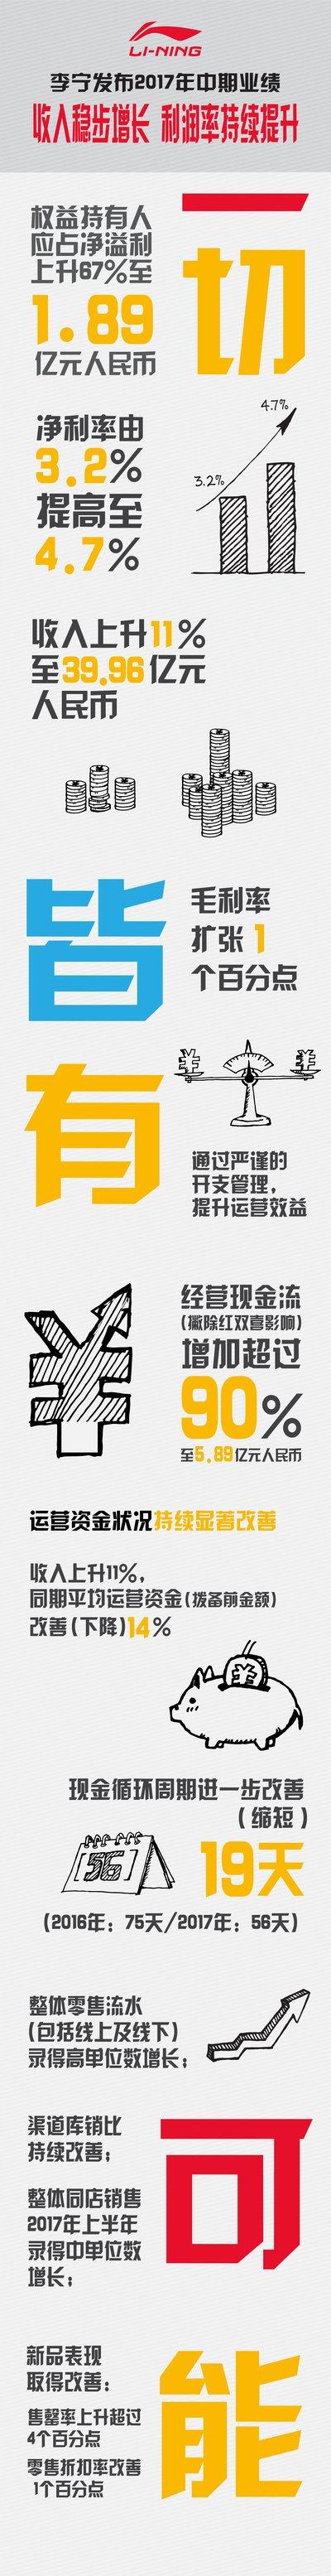 李宁发布2017年中期业绩